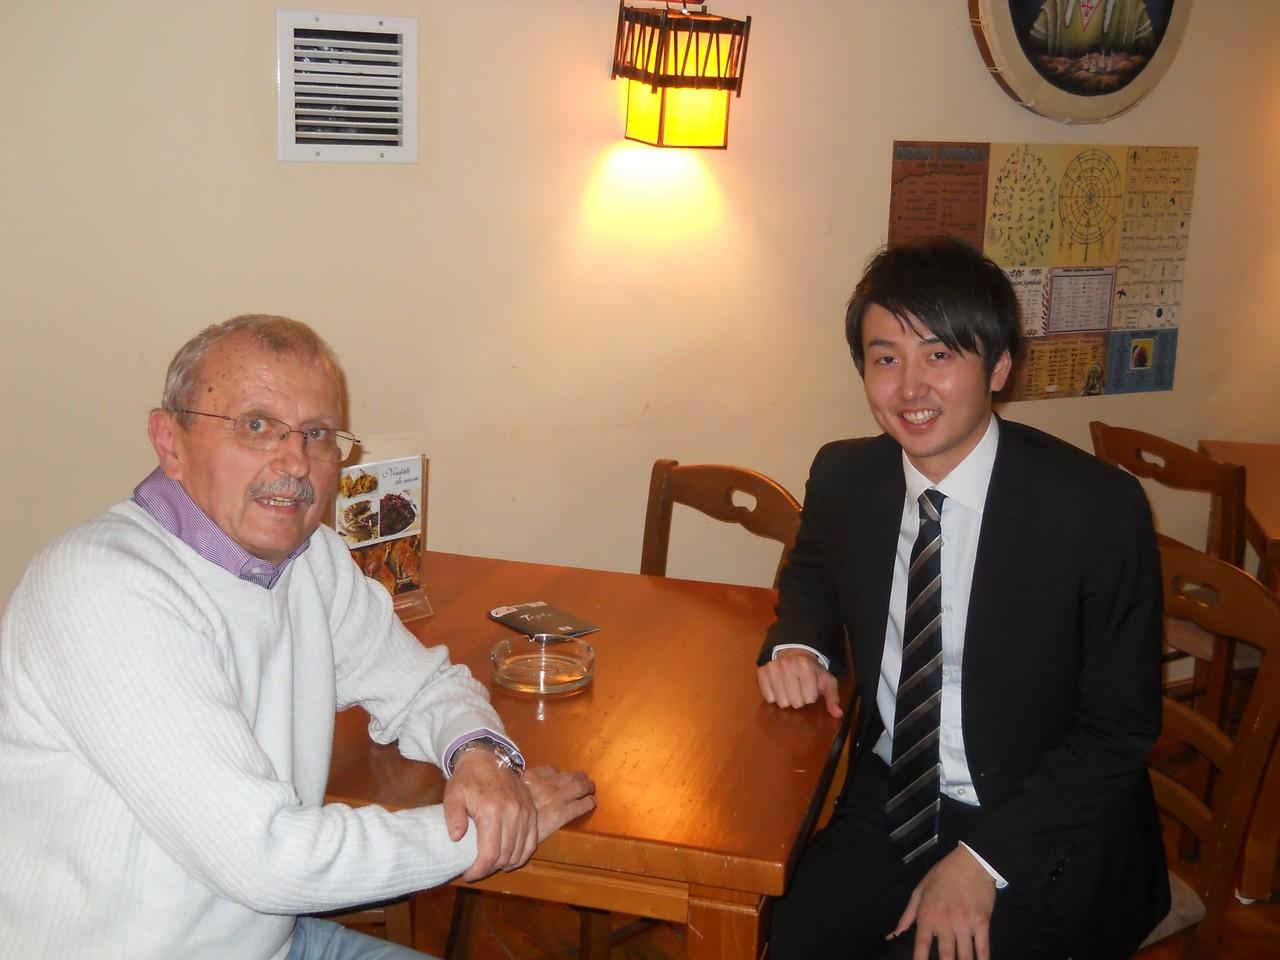 Találkozás Nagyváradon Nobumitsu Takamatsu a Bukaresti Japán Nagykövetség kúlturális tanácsossával.